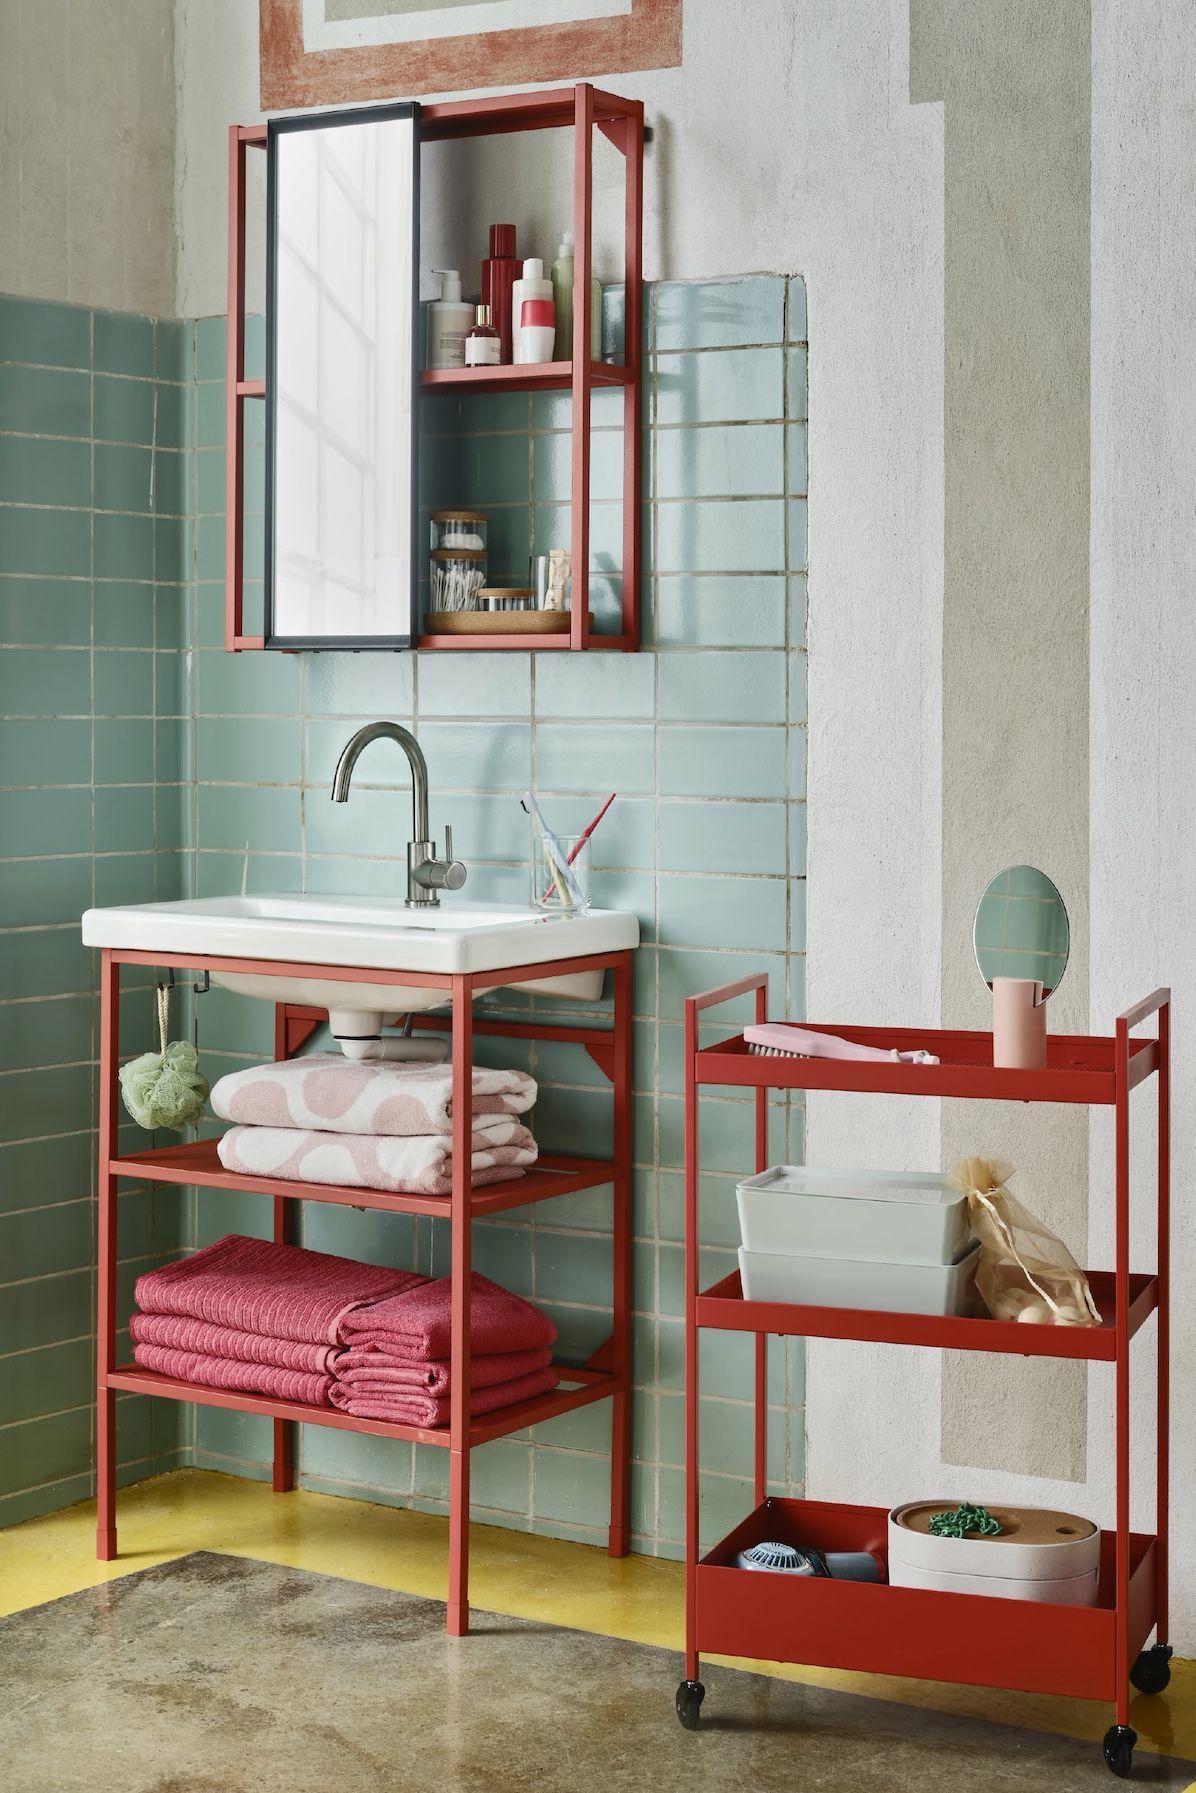 Einrichtungsideen Badezimmer Deko Ikea